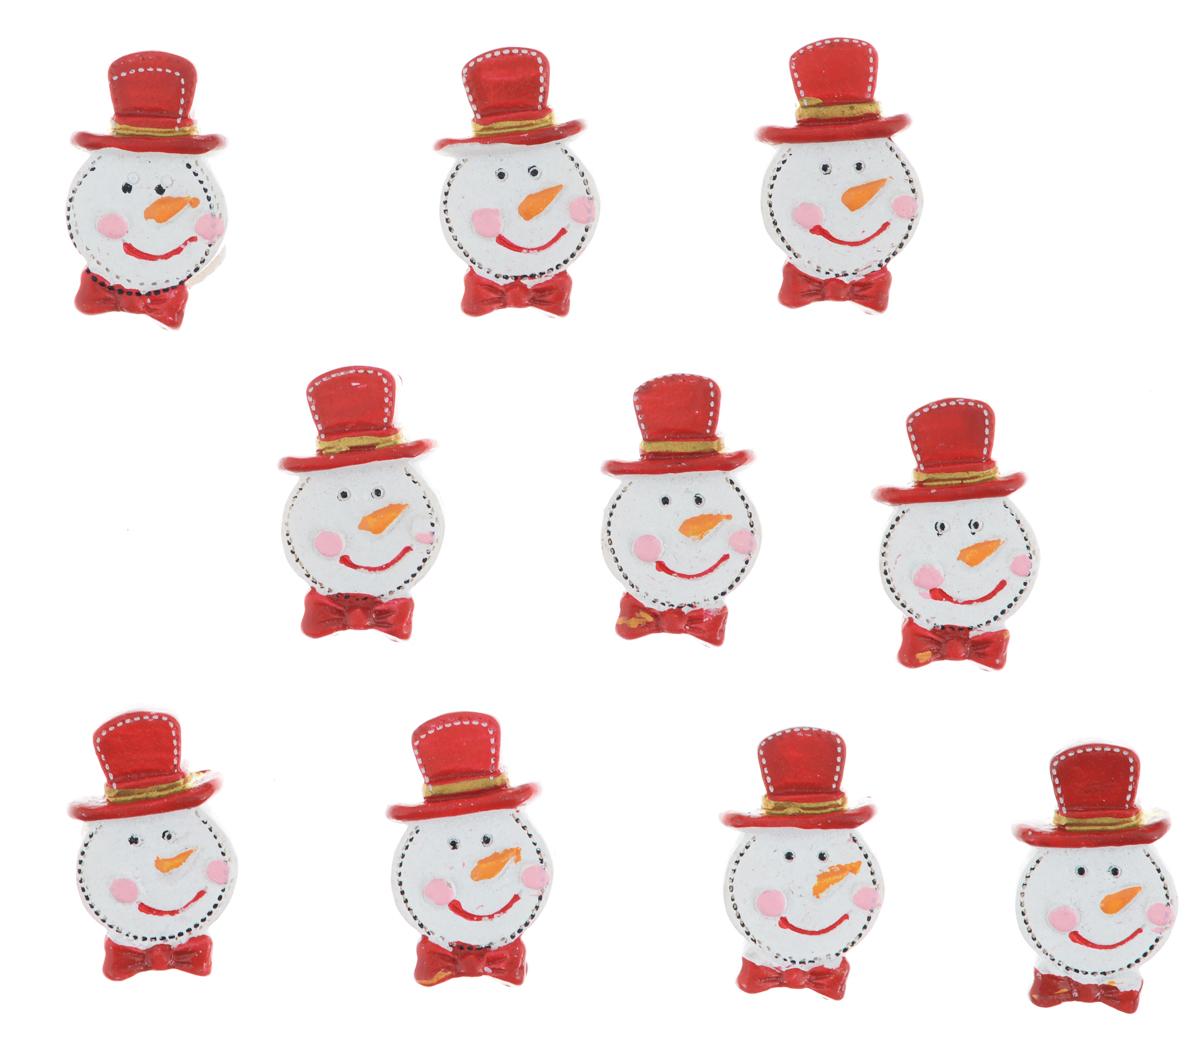 Набор декоративных украшений Lunten Ranta Снеговик в шляпе, на стикере, цвет: белый, красный, 10 штC0038550Декоративные украшения Lunten Ranta Снеговик в шляпе изготовлены из полирезина и прекрасно подойдут для декора любой поверхности. Их можно использовать для украшения фотоальбомов, подарков, конвертов и многого другого. В наборе - 10 украшений, которые крепятся к поверхности благодаря бумаге на клейкой основе с обратной стороны изделия.Творчество, рукоделие способно приносить массу приятных эмоций не только человеку, который этим занимается, но и его близким, друзьям, родным.Размер украшения: 3 см х 1.7 см х 0,8 см.